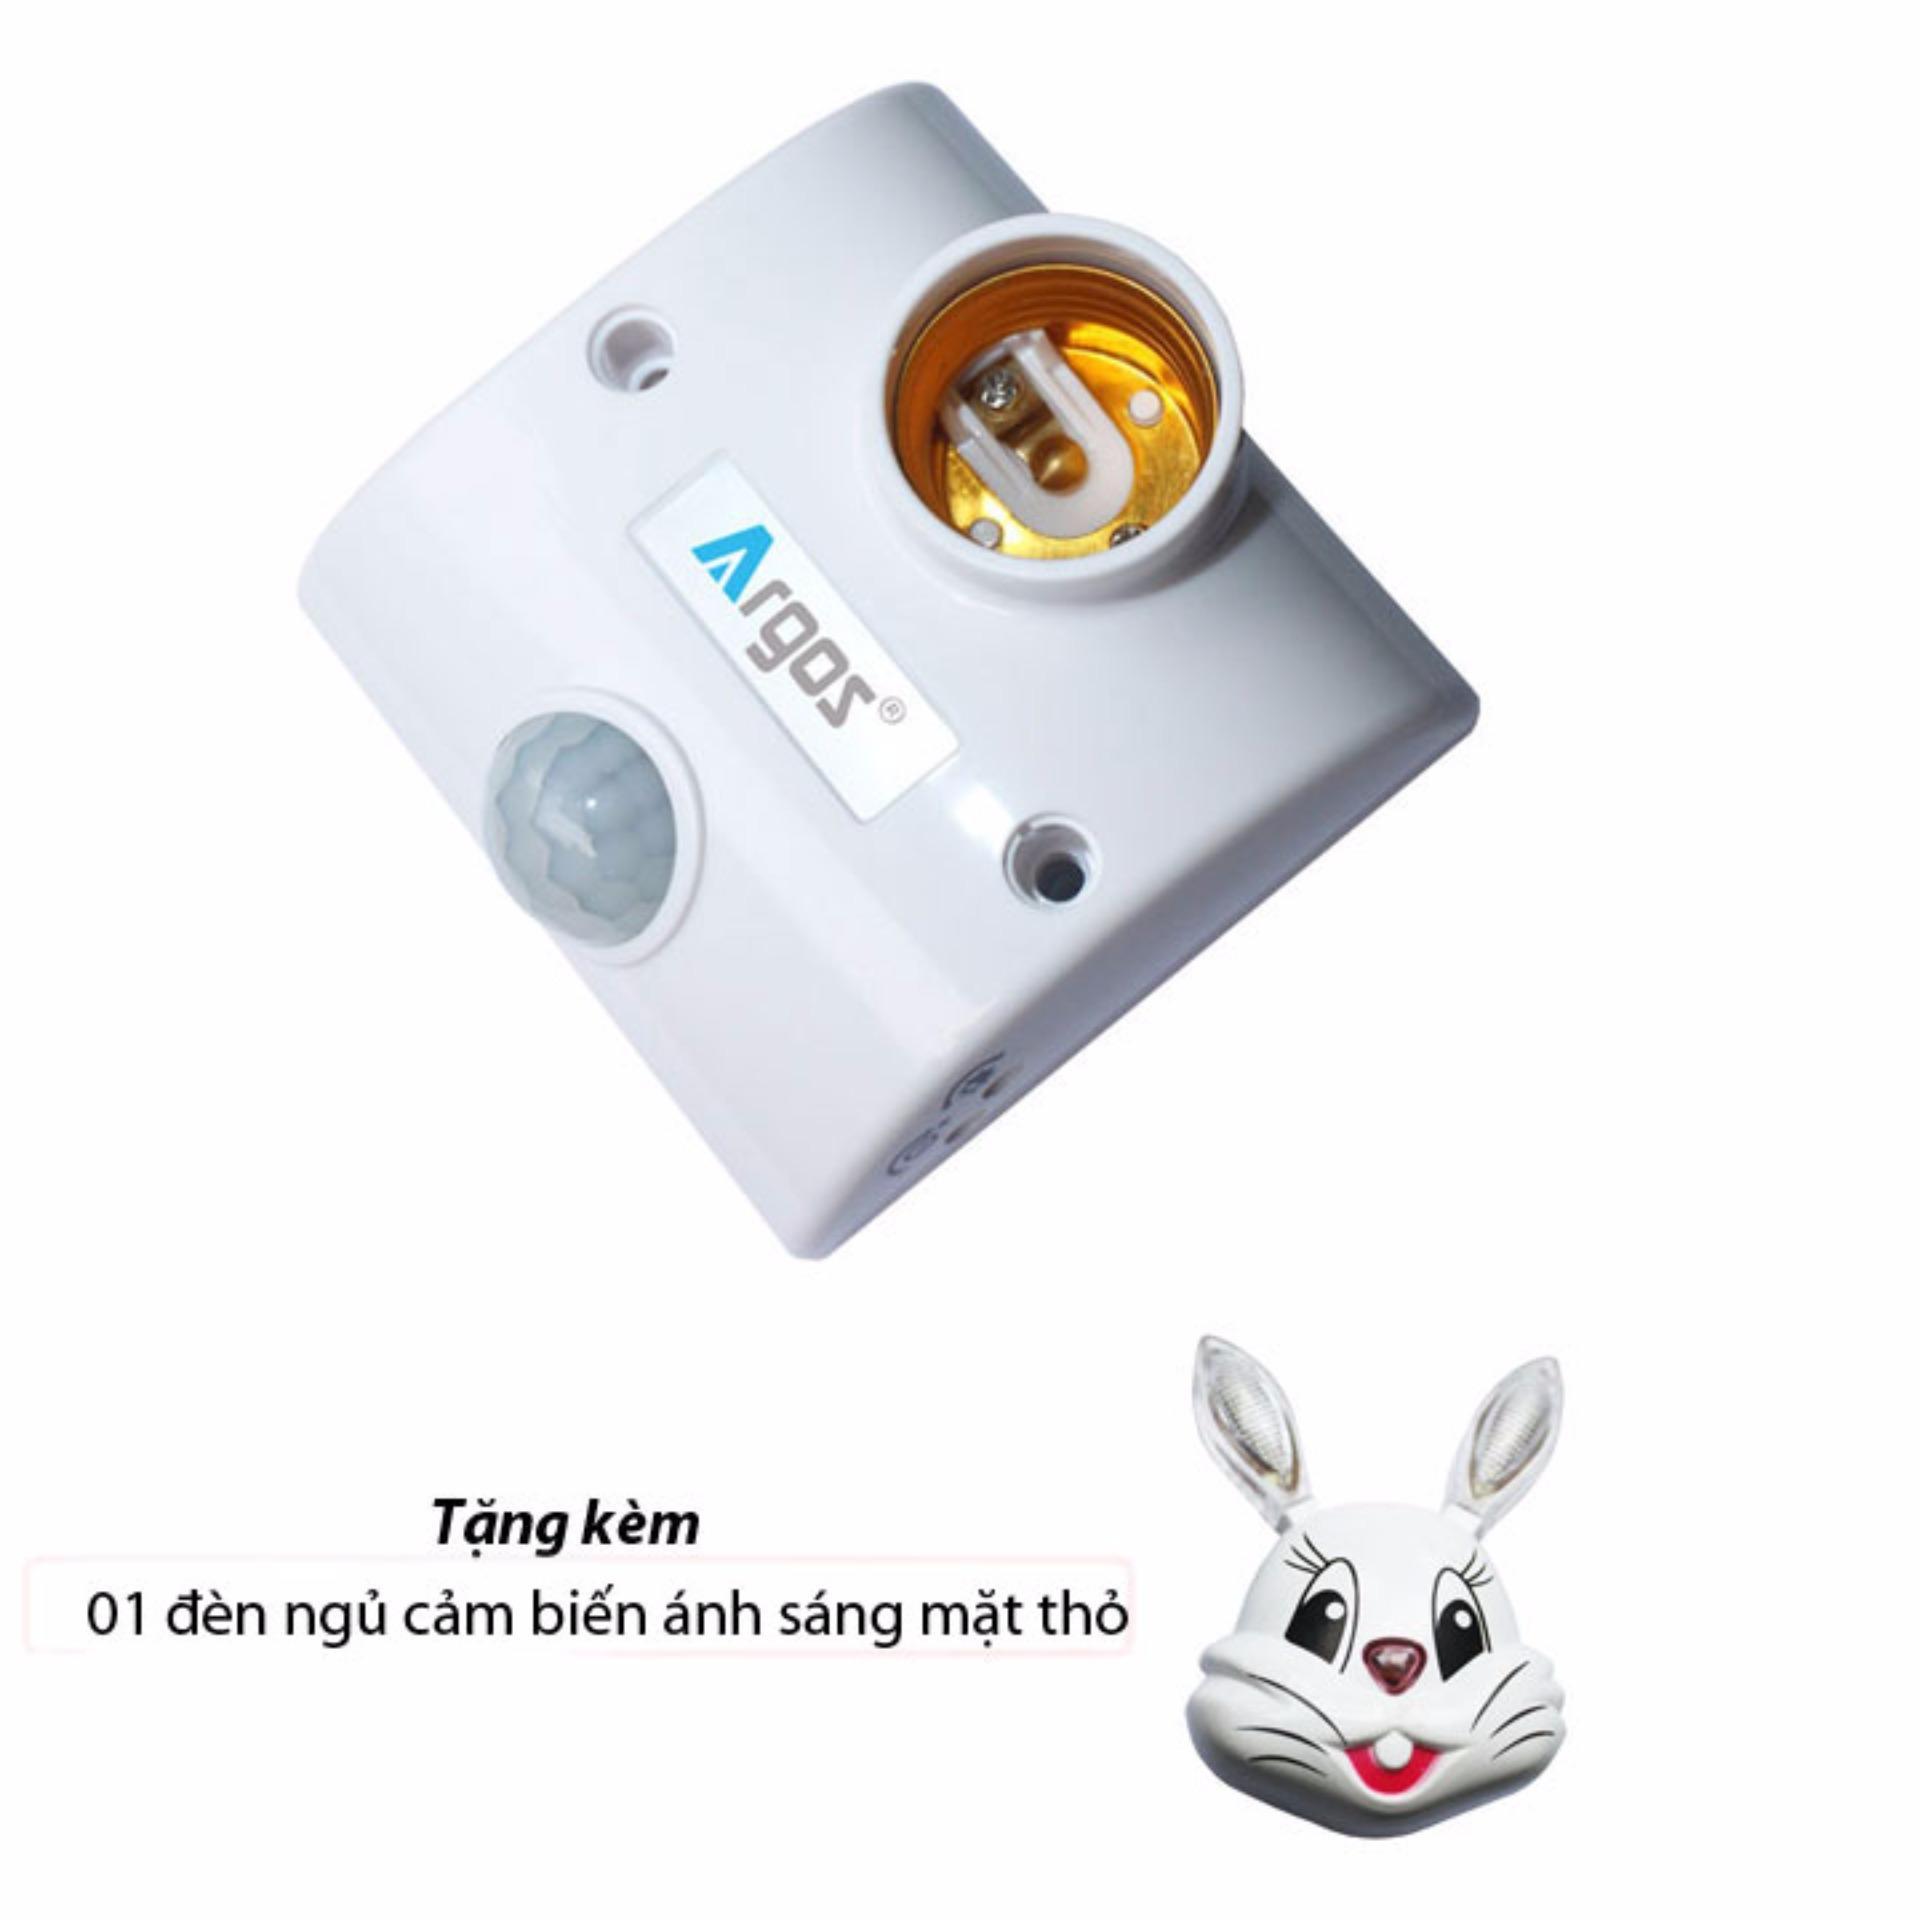 Cập Nhật Giá Đuôi đèn cảm biến hồng ngoại Argos TR02 – tặng kèm đèn ngủ cảm biến mặt thỏ